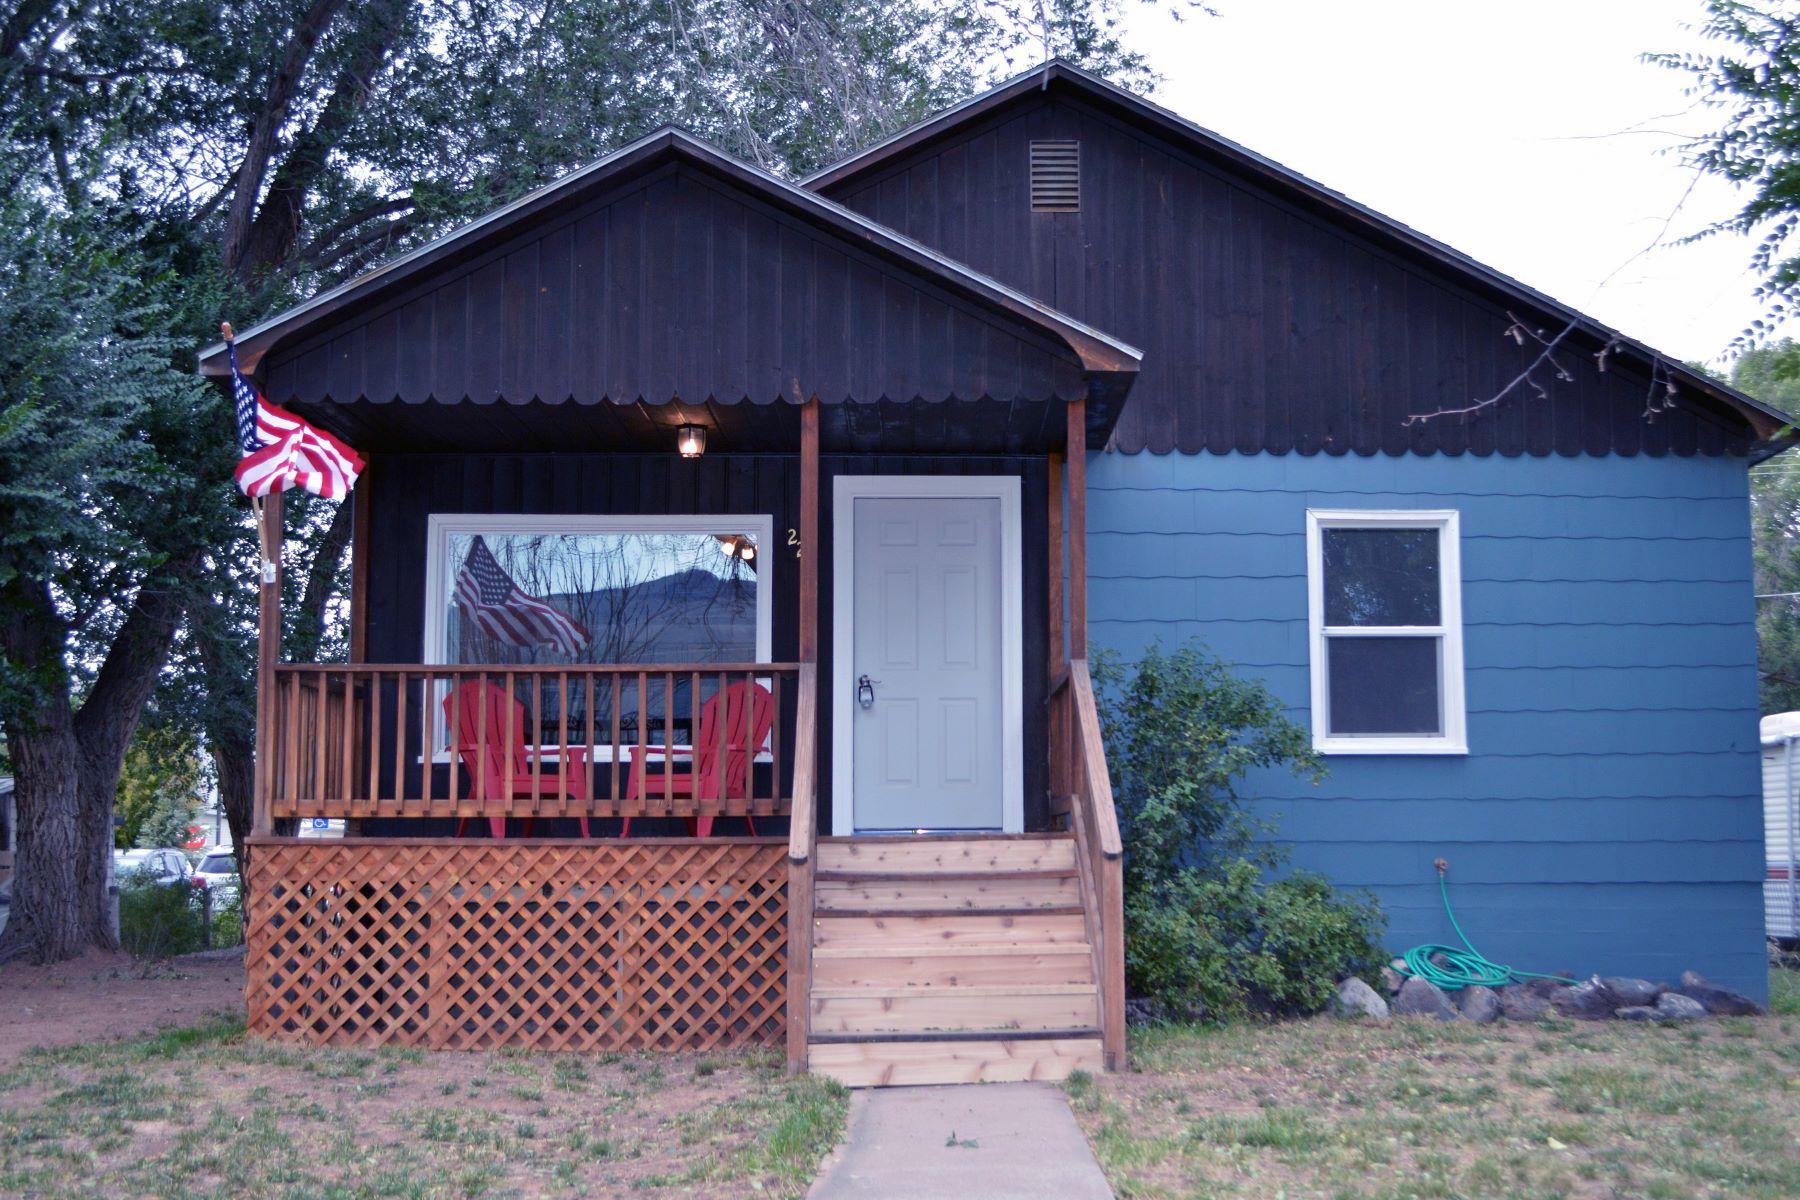 단독 가정 주택 용 매매 에 Completely Remodeled Bungalow 224 E 2nd Street, Parachute, 콜로라도, 81635 미국